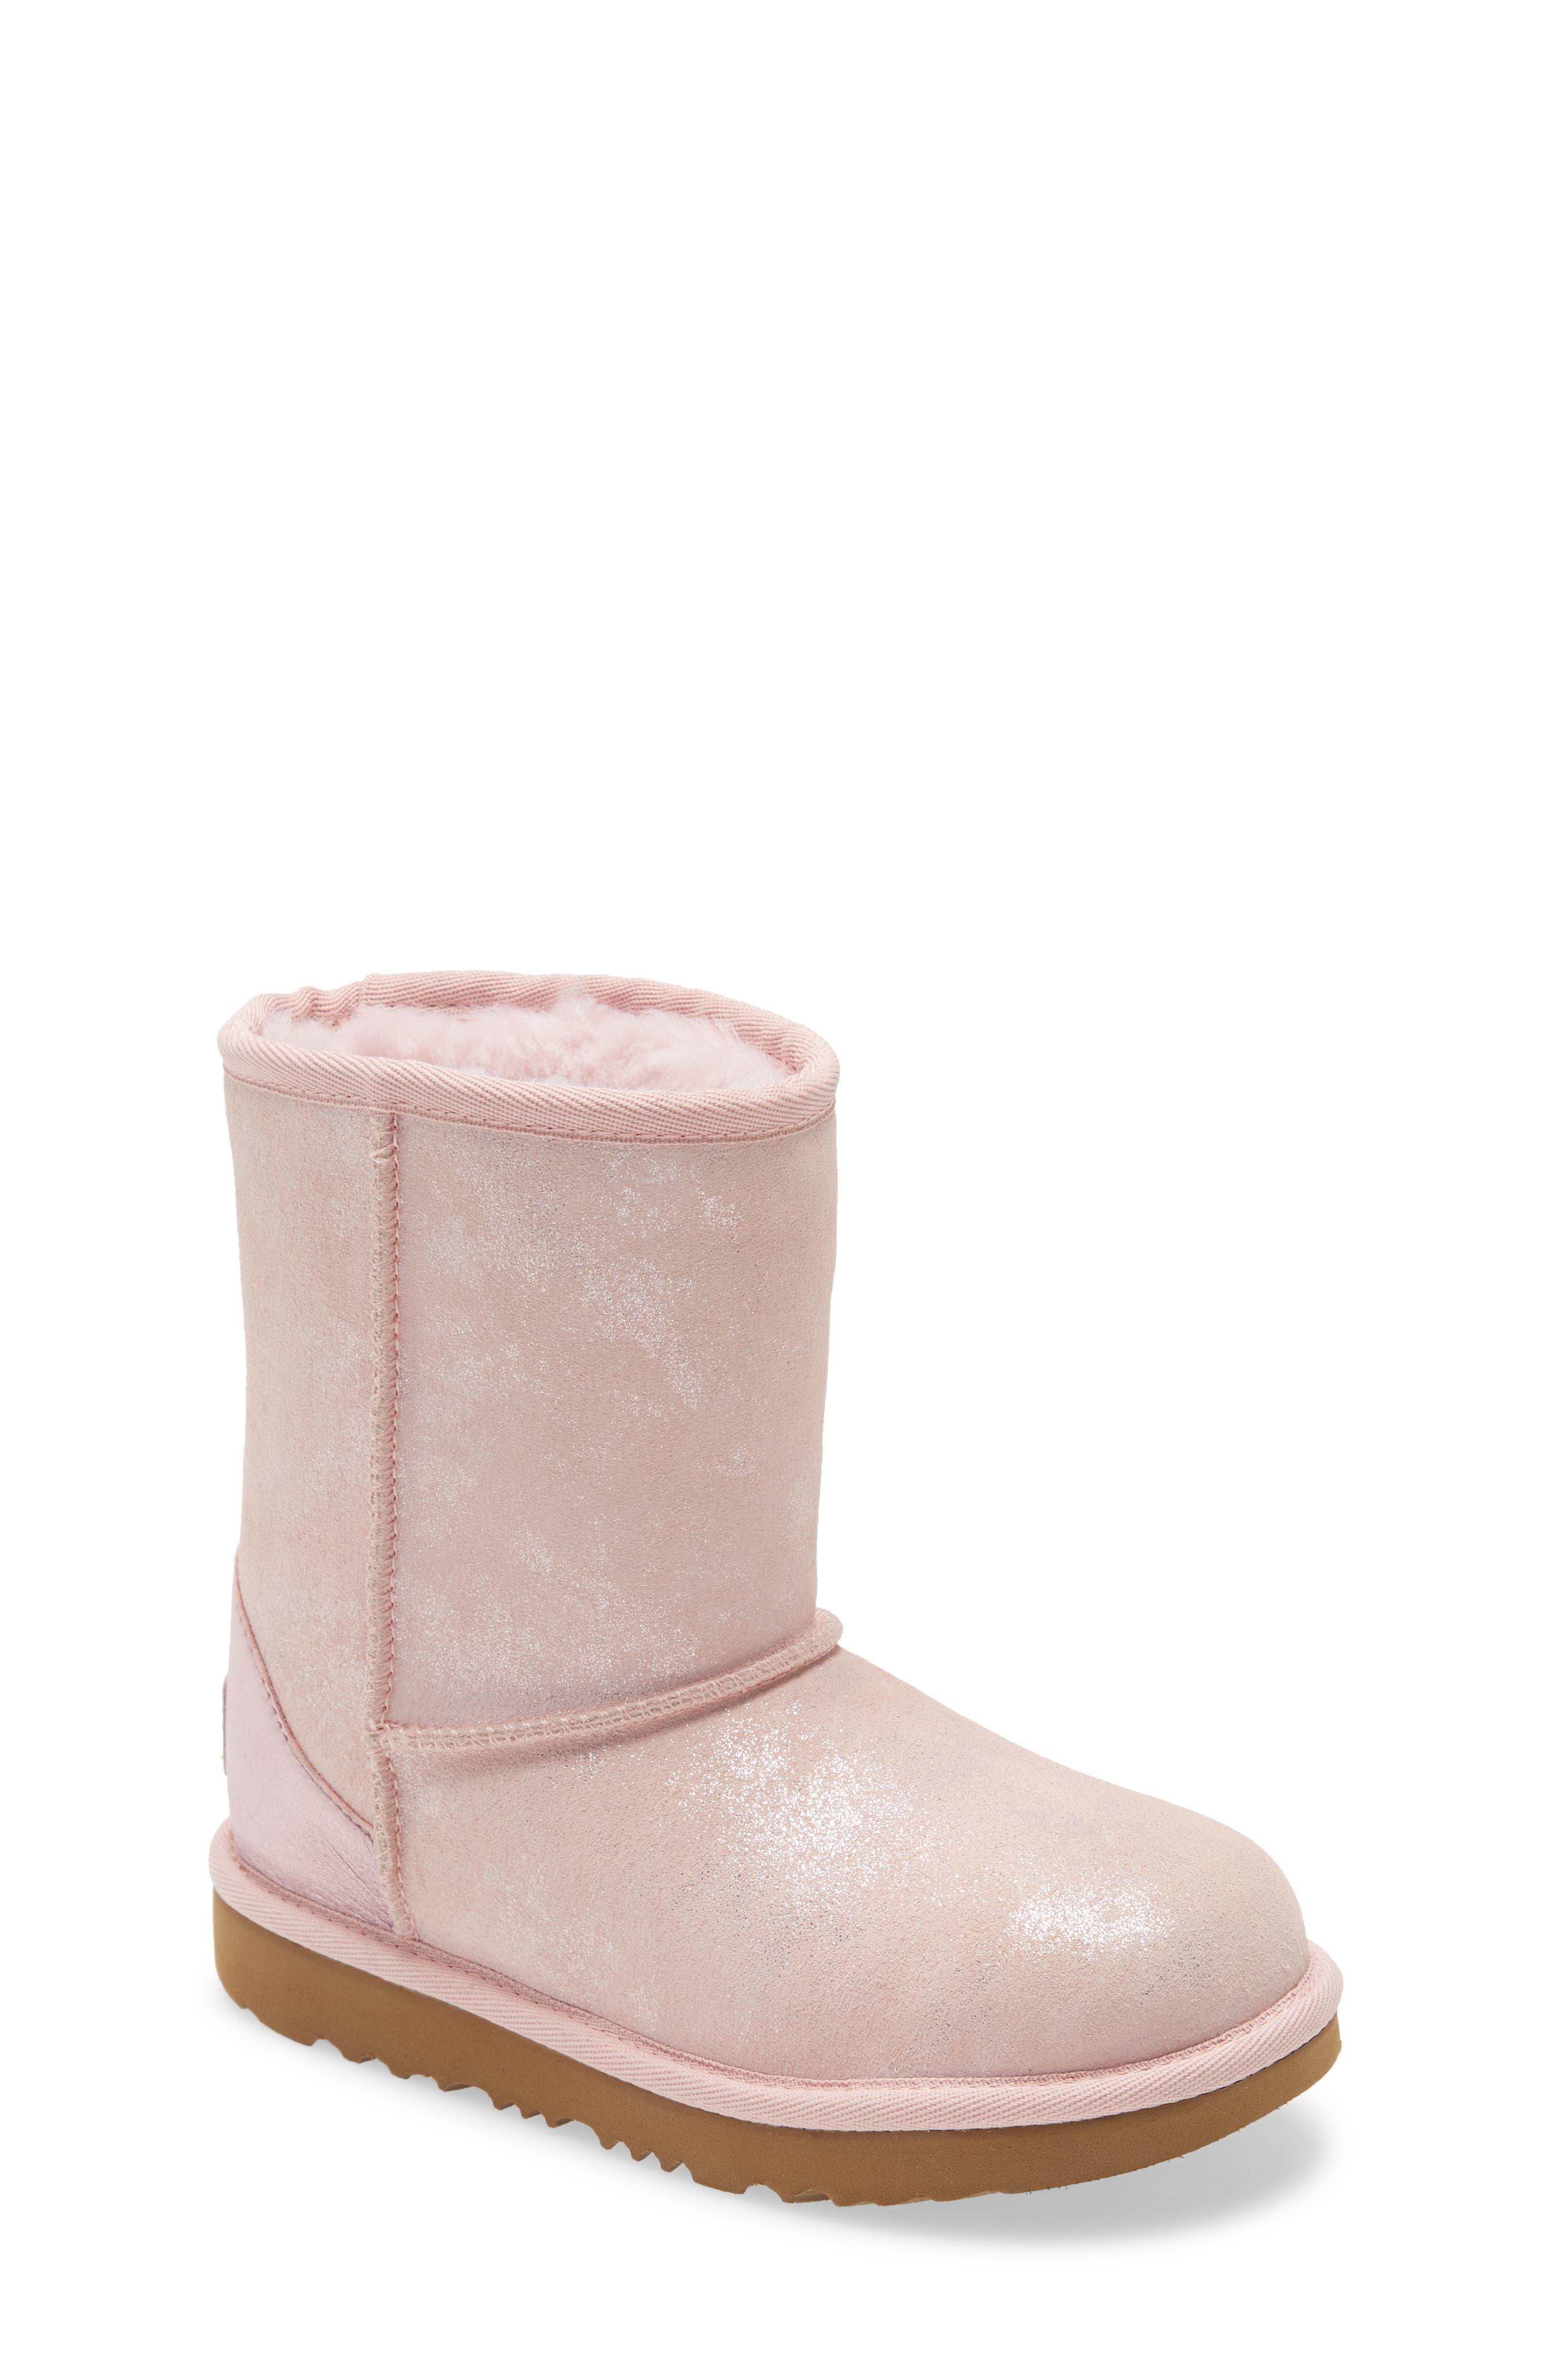 Girls' Boots \u0026 Booties | Nordstrom